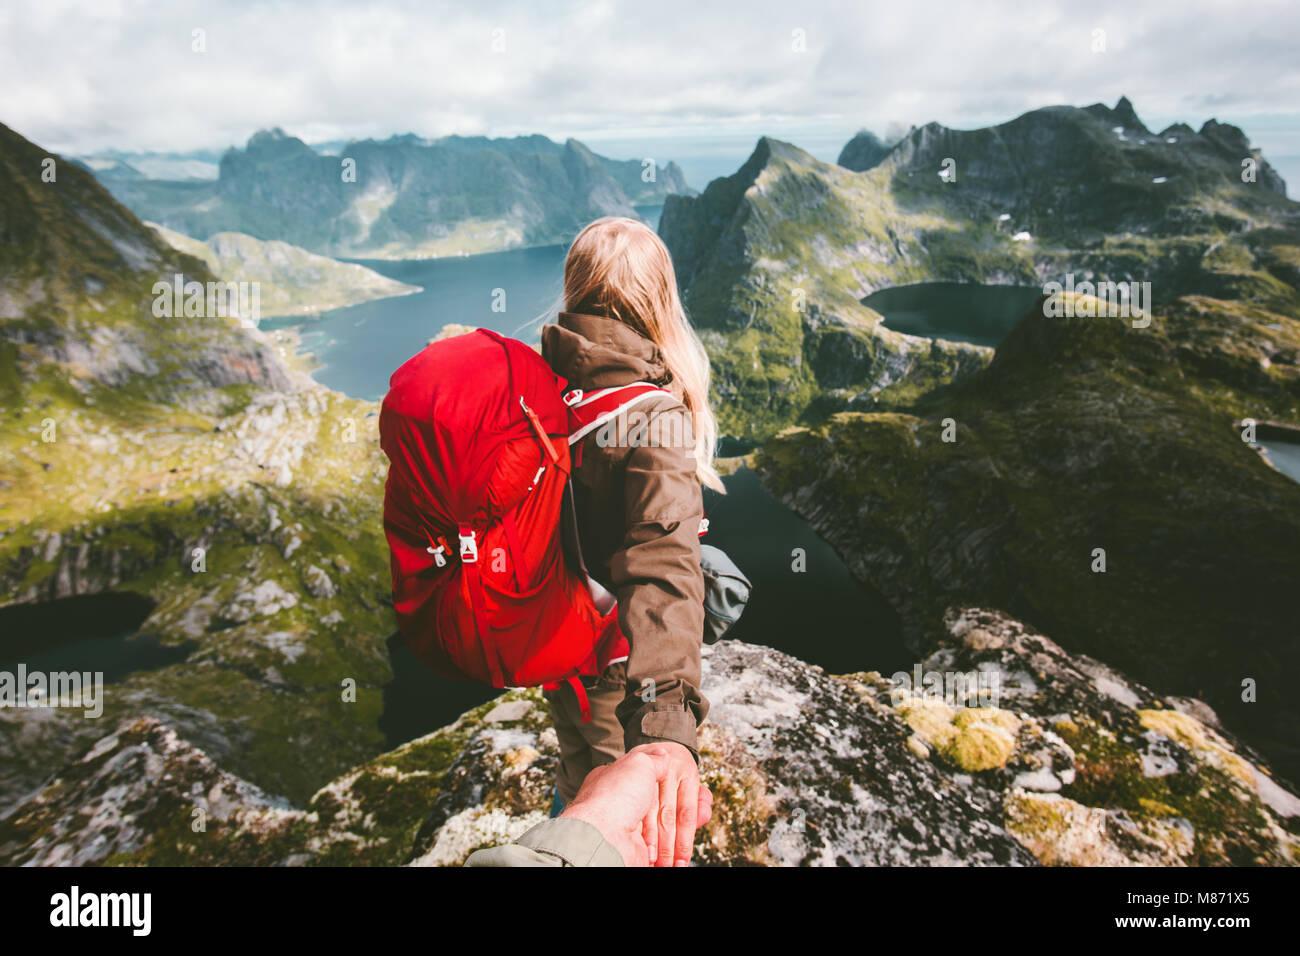 Ehepaar, Hände auf Felsen Berg in Norwegen Reisen Lifestyle liebe Emotionen Konzept Sommer Ferien Familie outdoor Stockbild